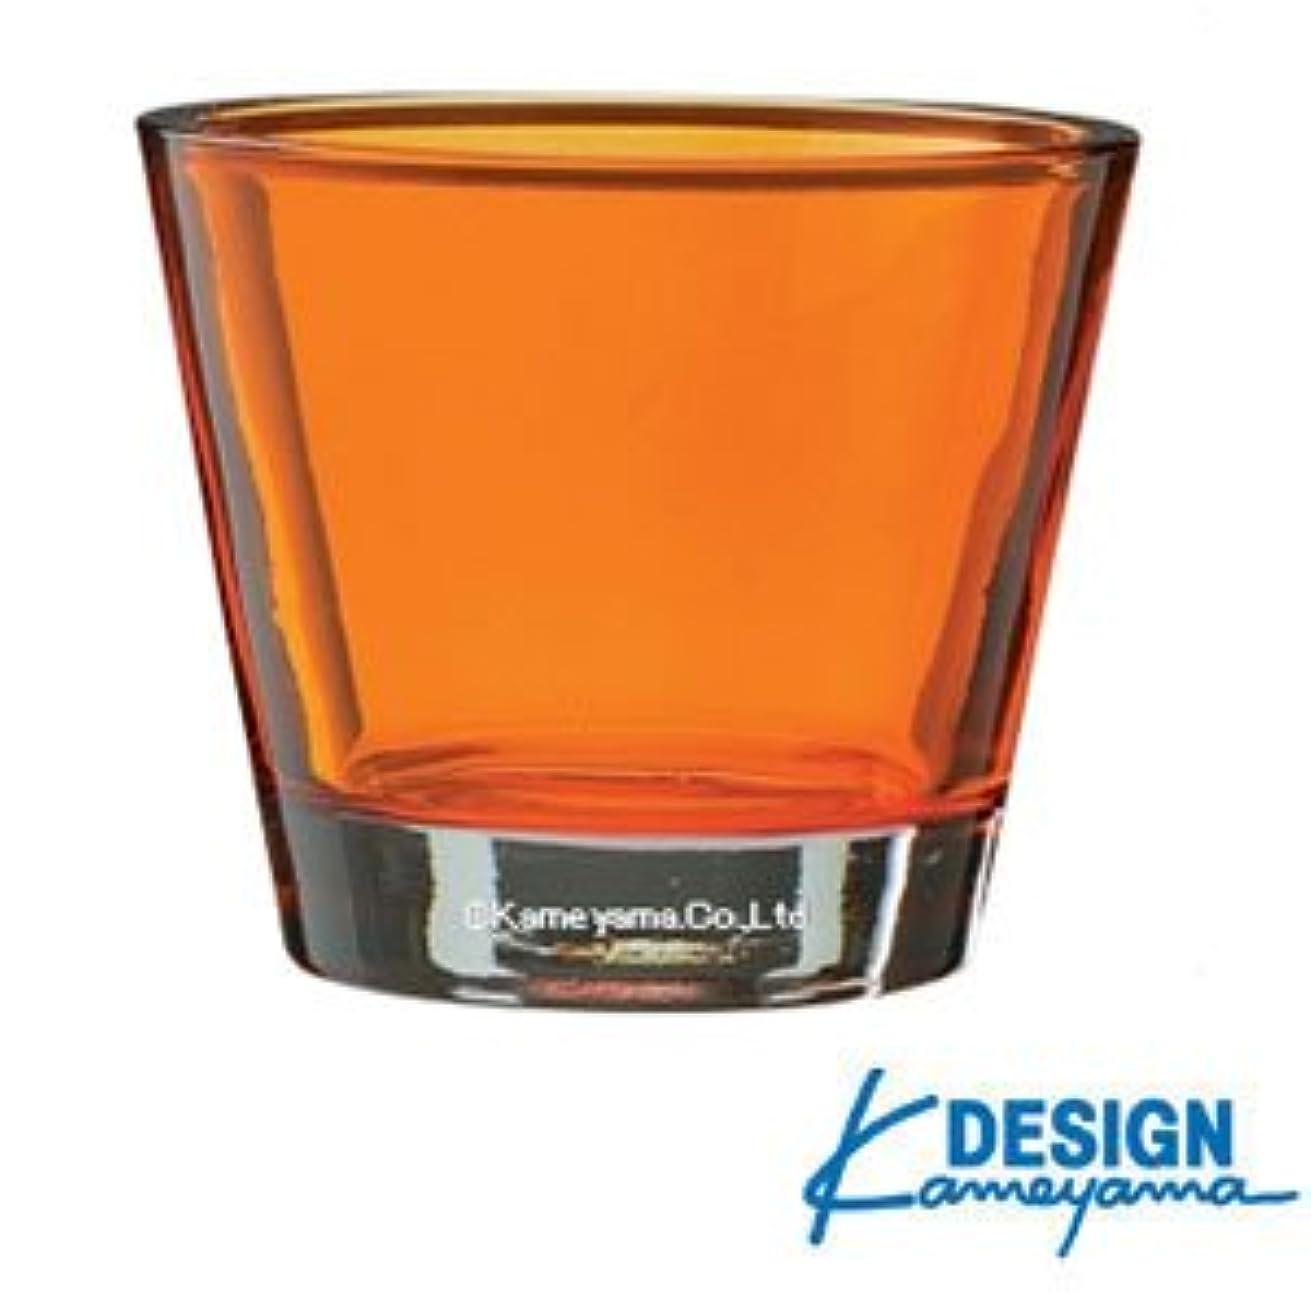 公発音水を飲むカメヤマキャンドル カラリス オレンジ